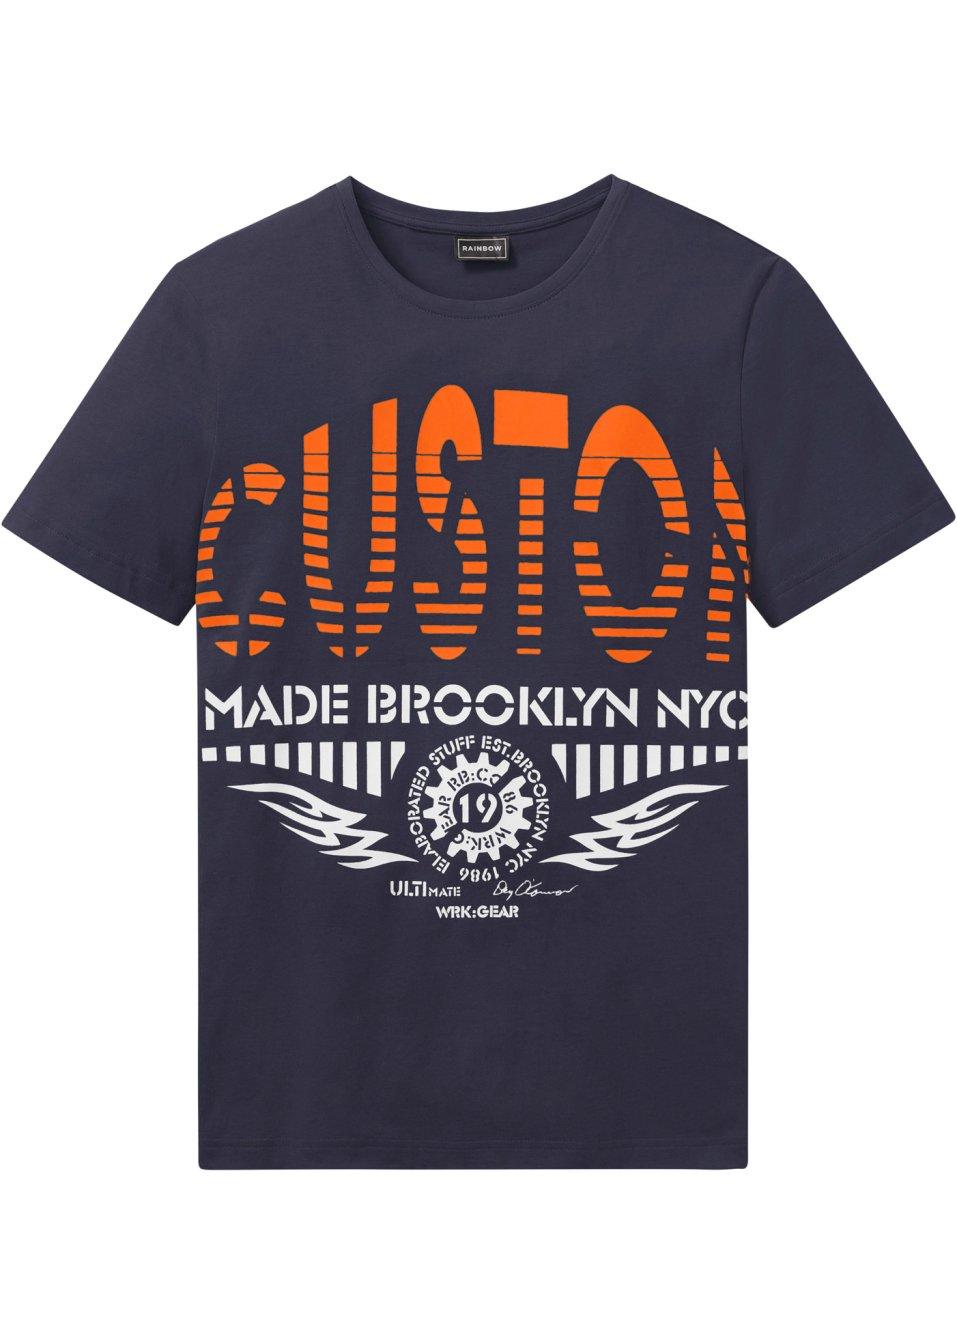 Cooles T-Shirt mit Druck vorne. - dunkelblau bedruckt fGAzD 6EV2y